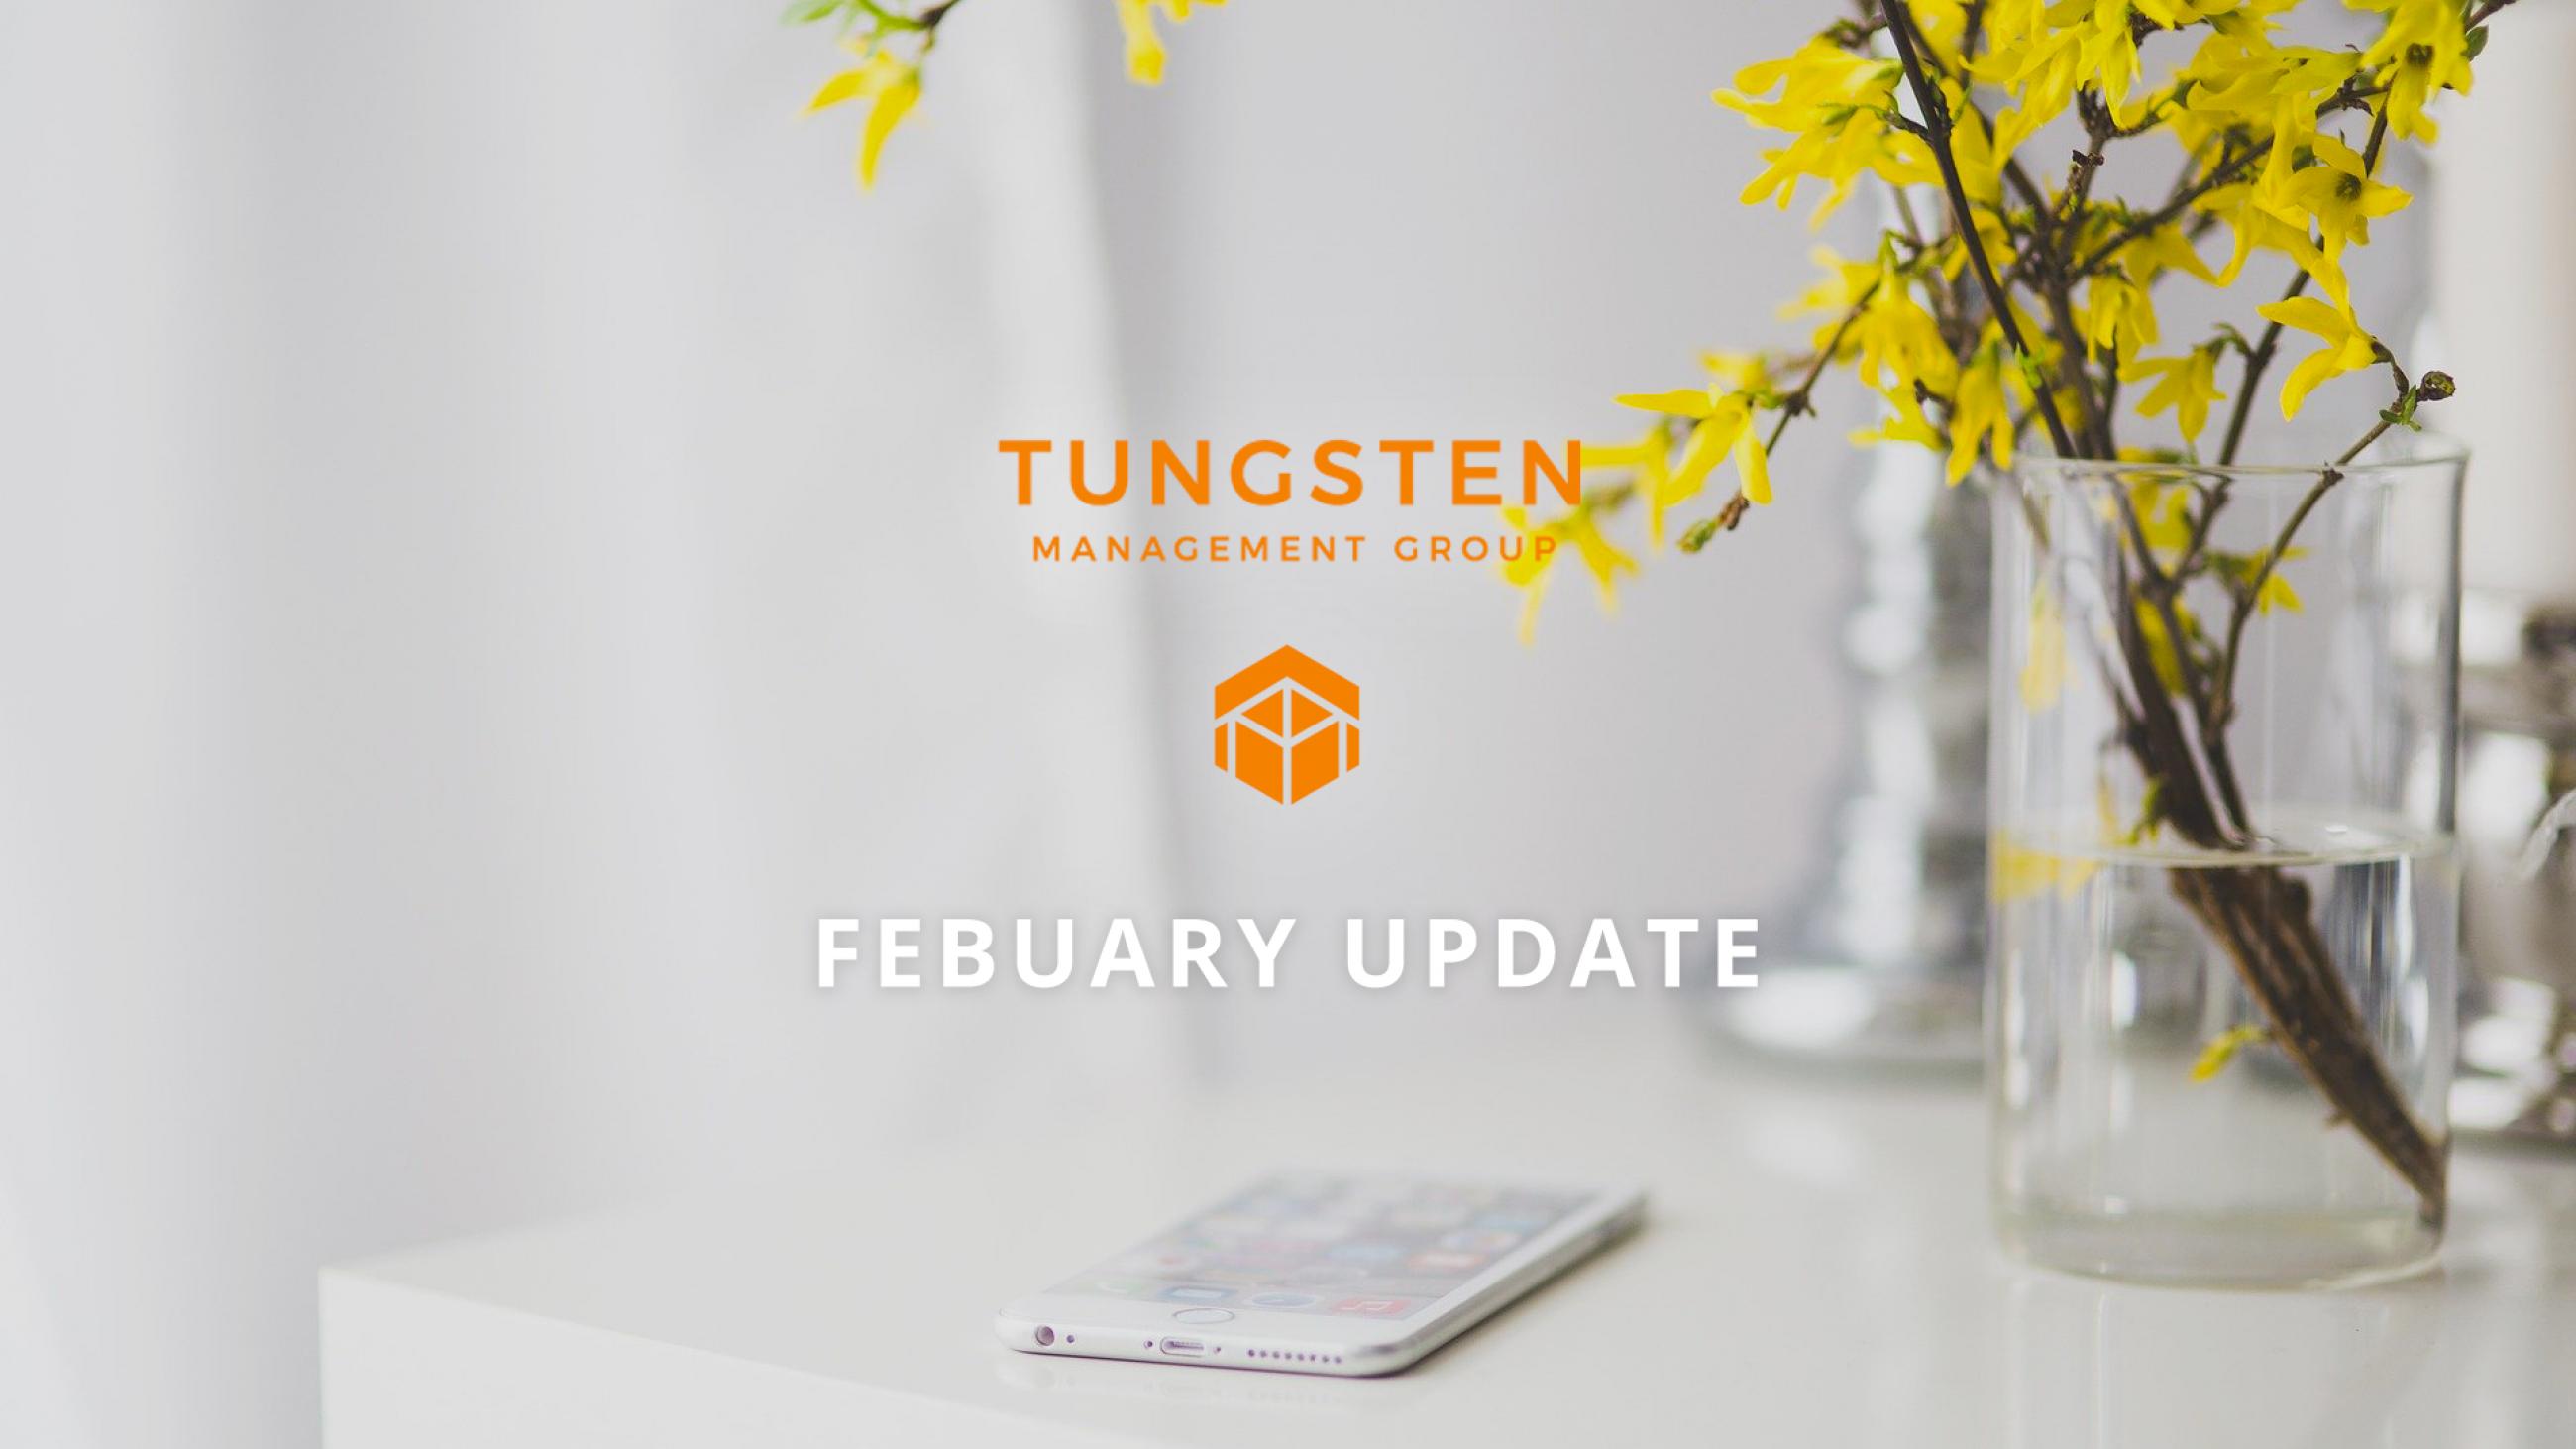 Tungsten Management Group Update Part Twenty Seven